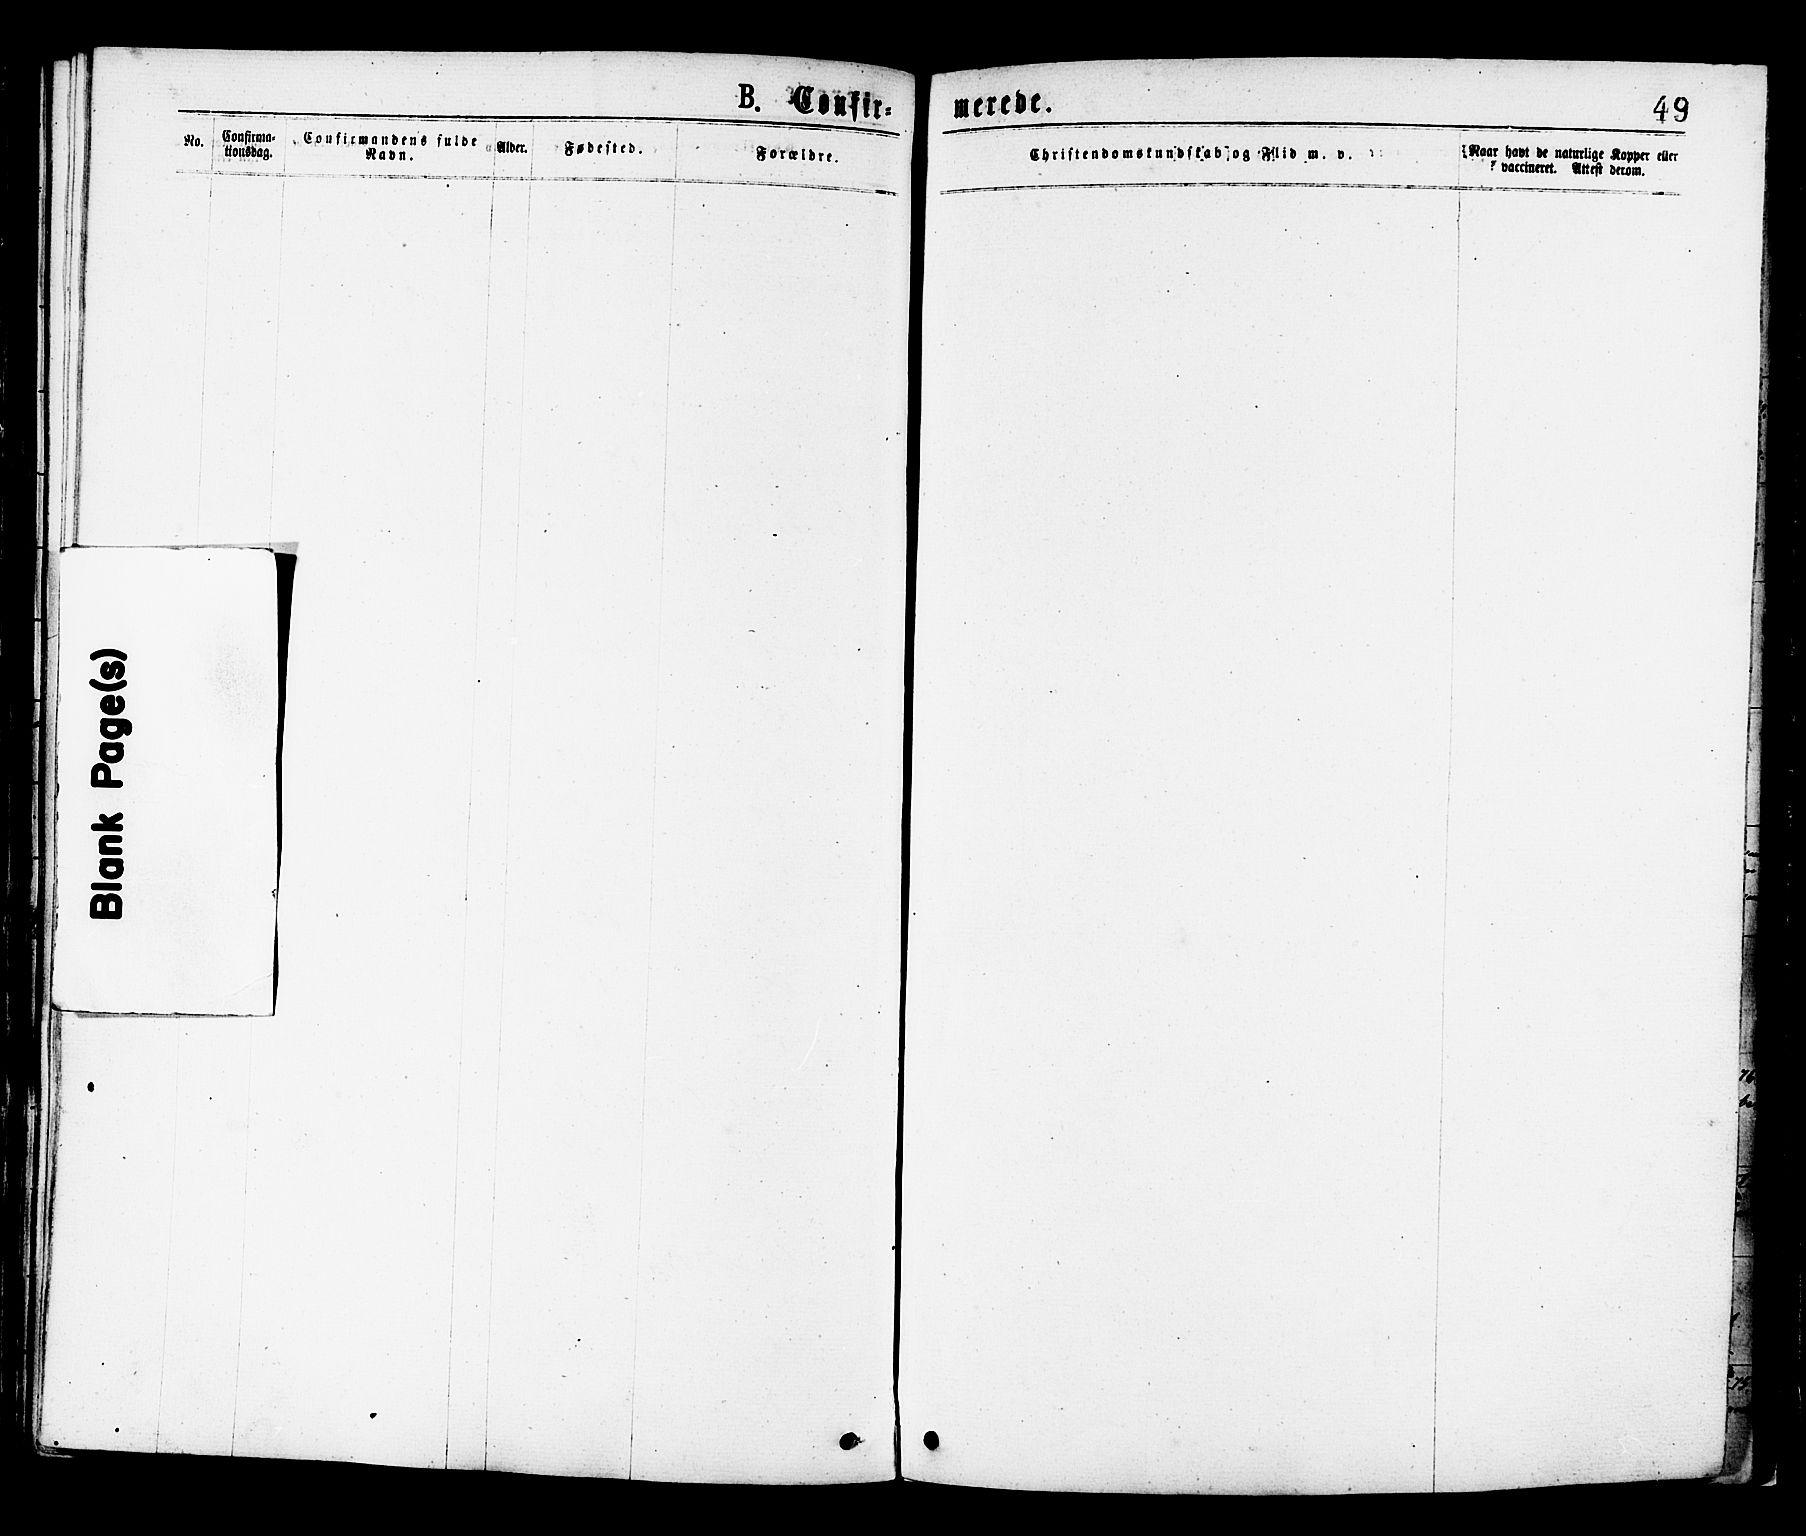 SAT, Ministerialprotokoller, klokkerbøker og fødselsregistre - Sør-Trøndelag, 659/L0738: Ministerialbok nr. 659A08, 1876-1878, s. 49